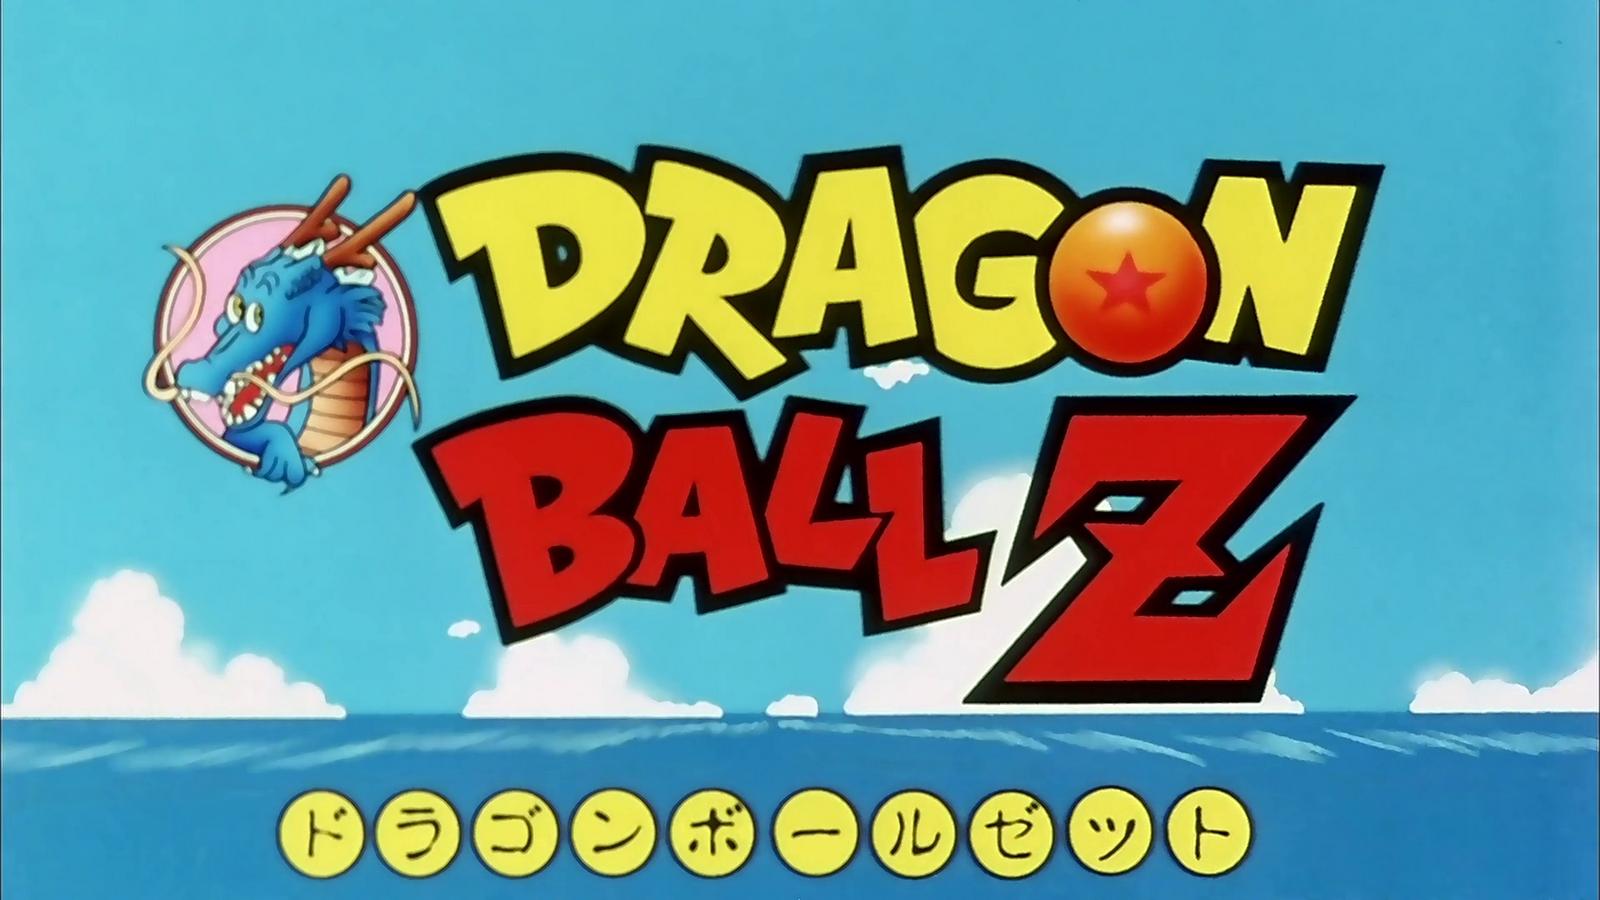 Como ver y descargar capitulos de dragon ball super en android.